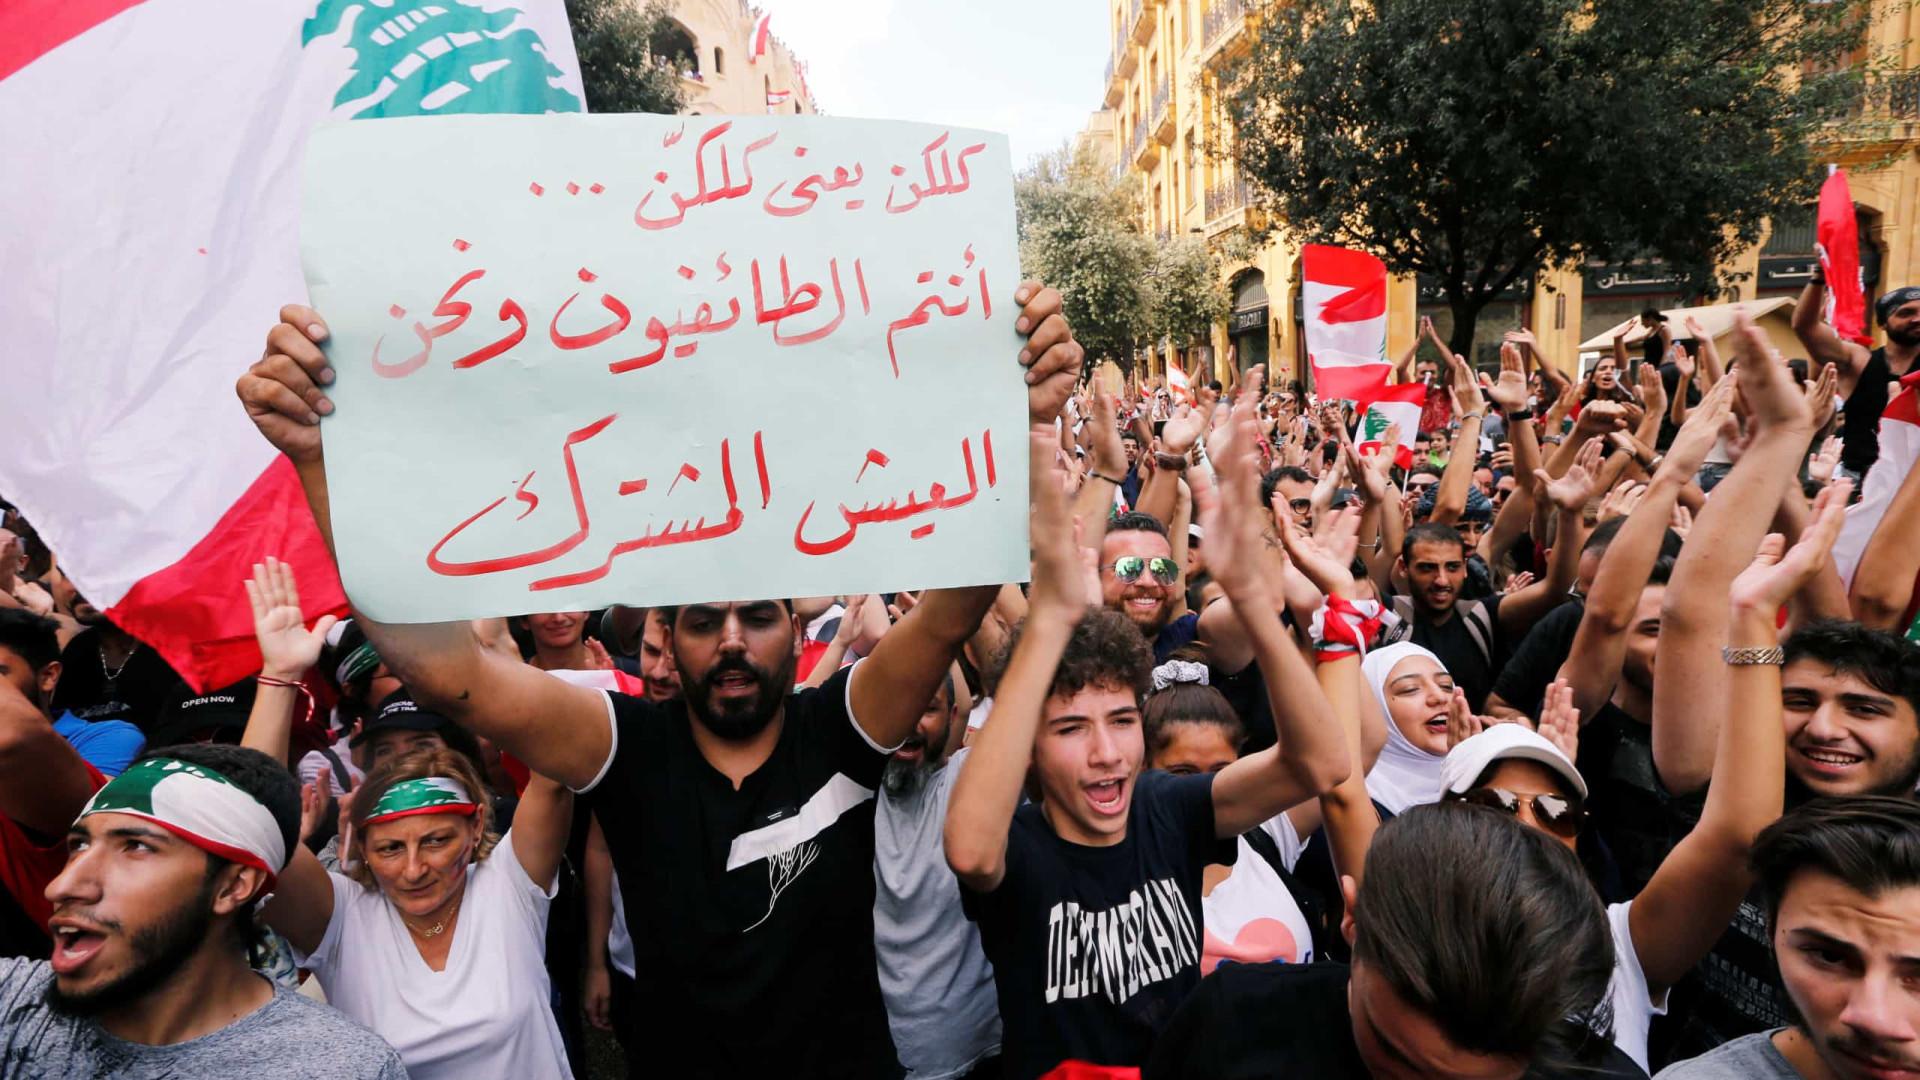 Dezenas de milhares protestam em Beirute contra regime e crise económica